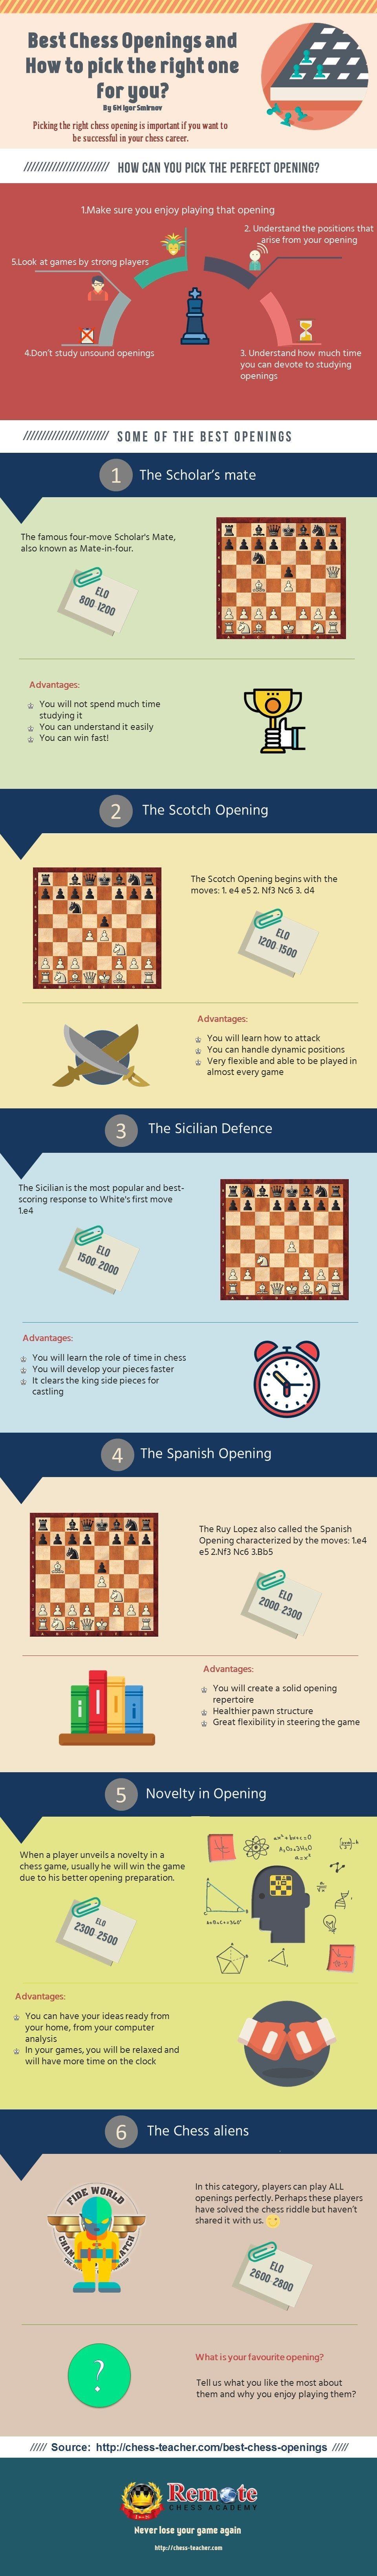 Best Chess Openings Infographic Jpg 960 6554 Mit Bildern Schach Schachbretter Schachfiguren